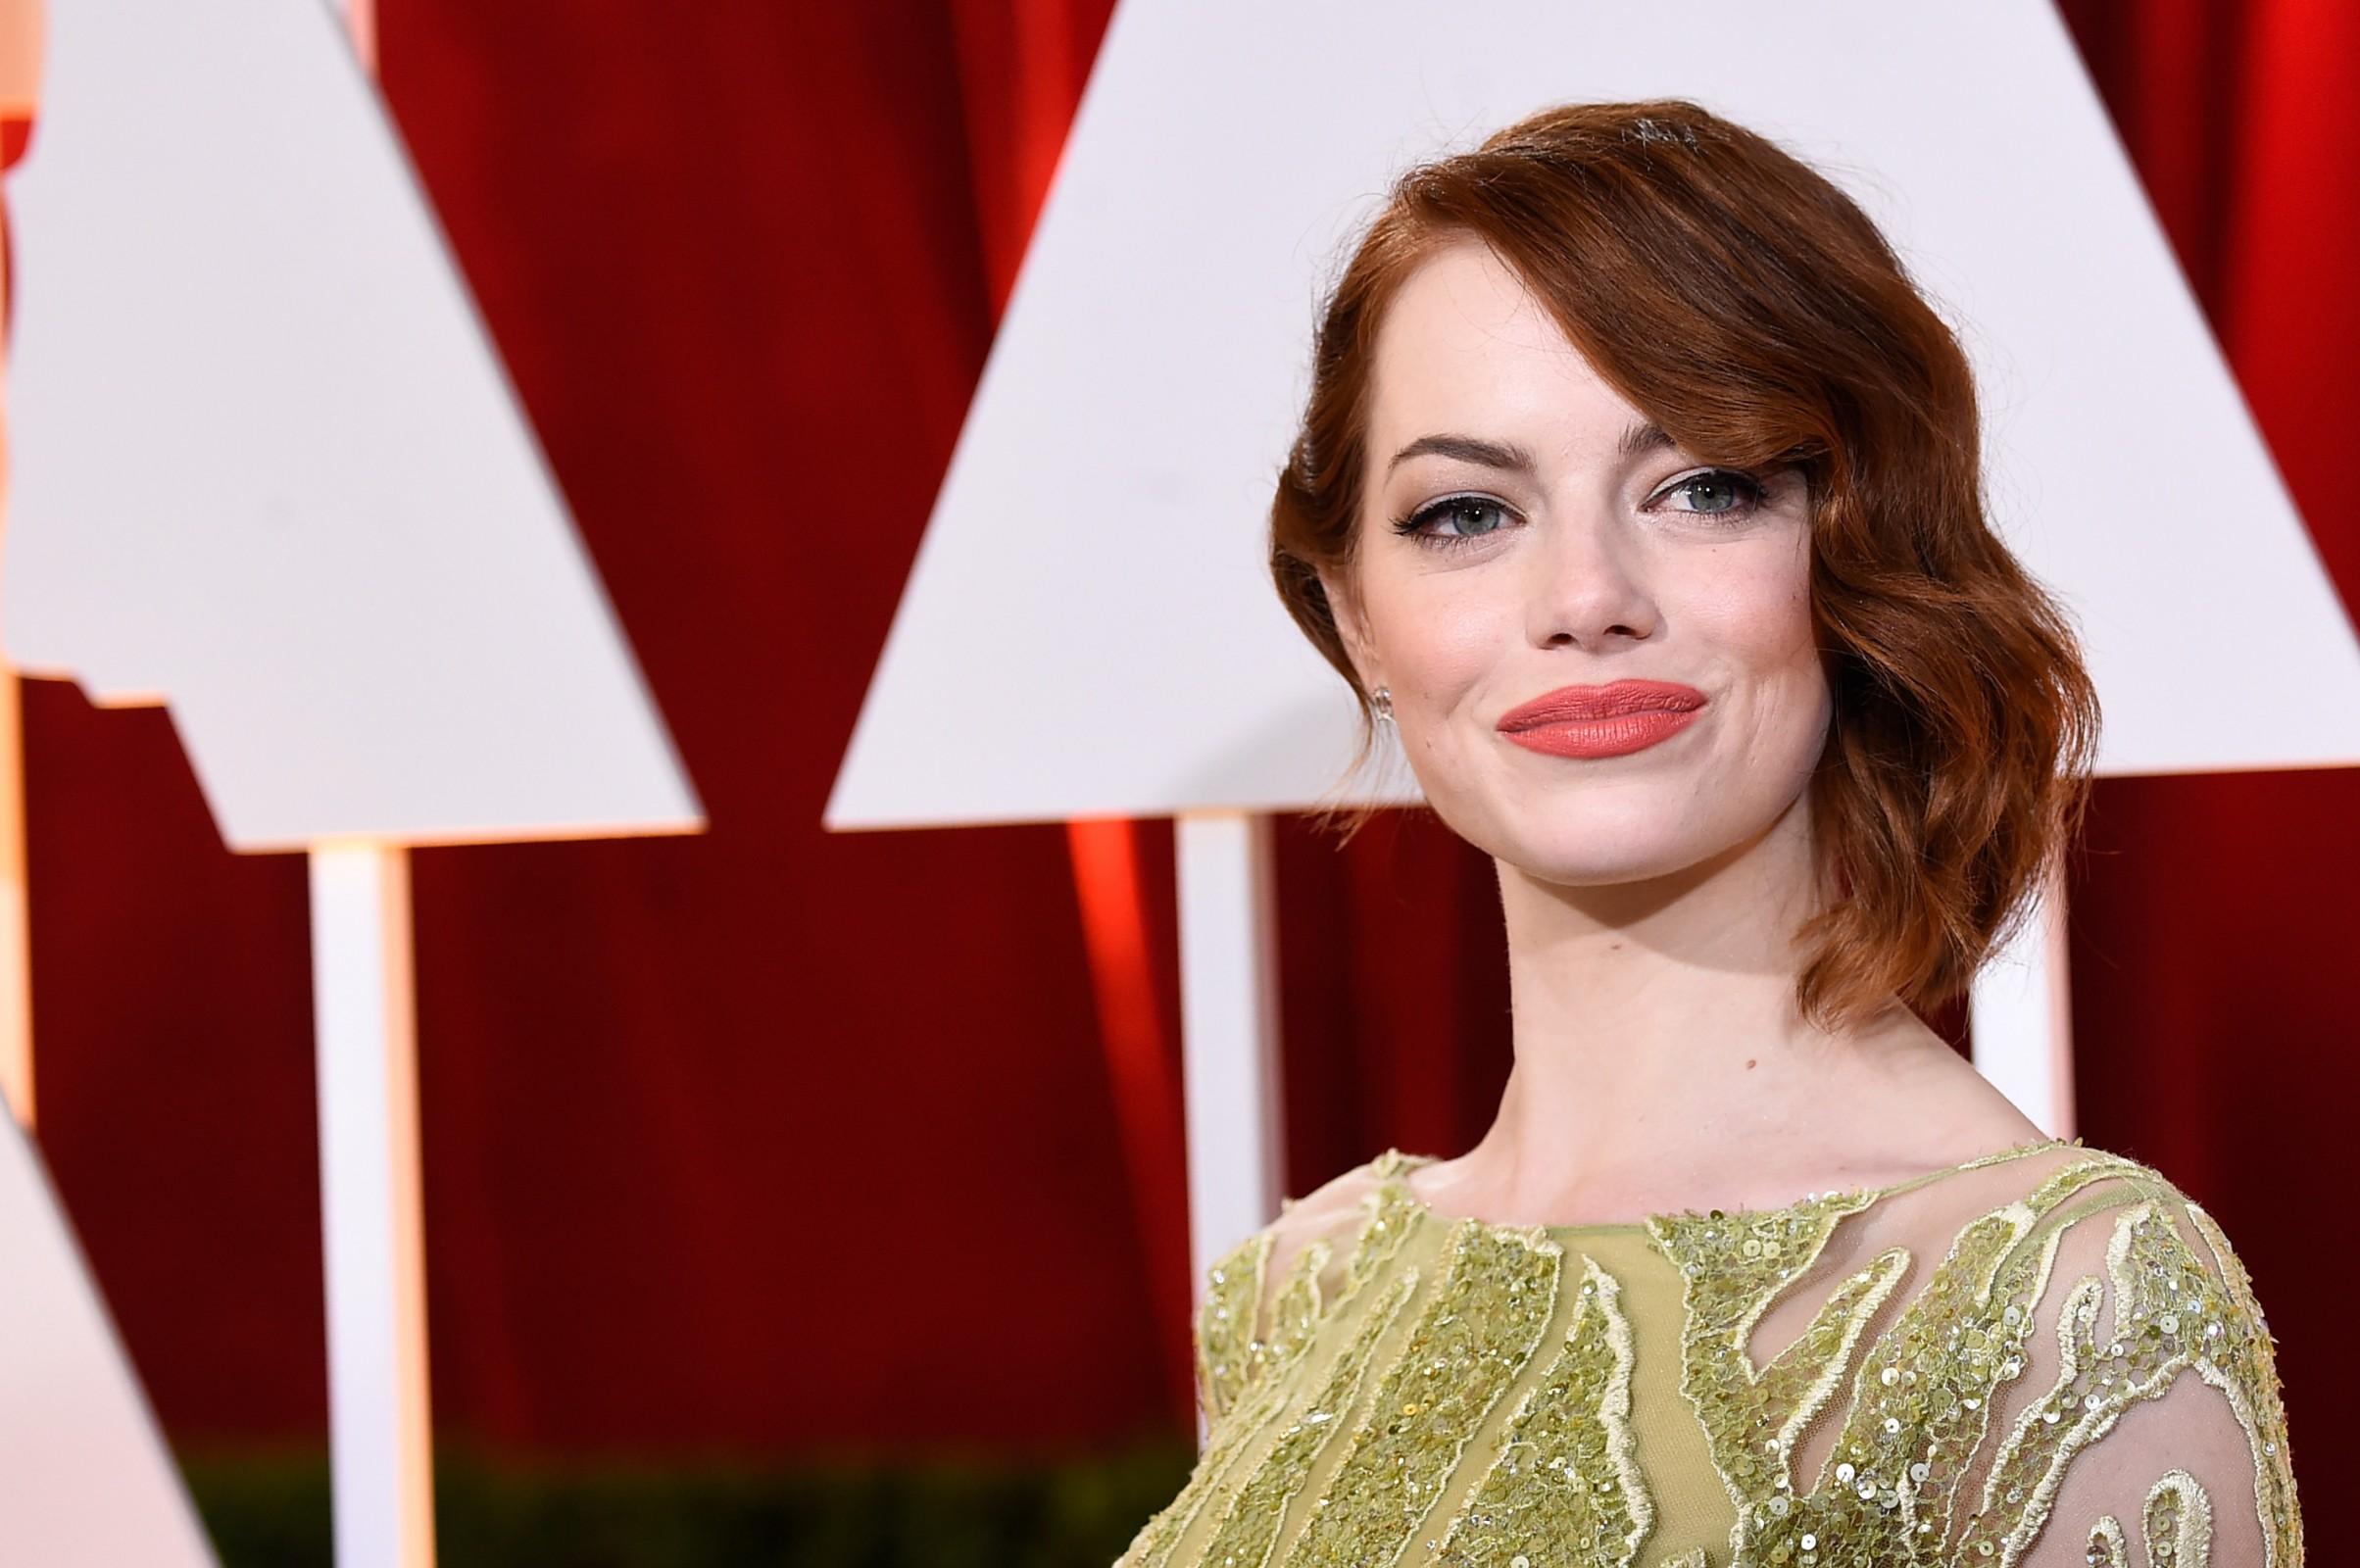 Oscars 2015: The Best in Beauty